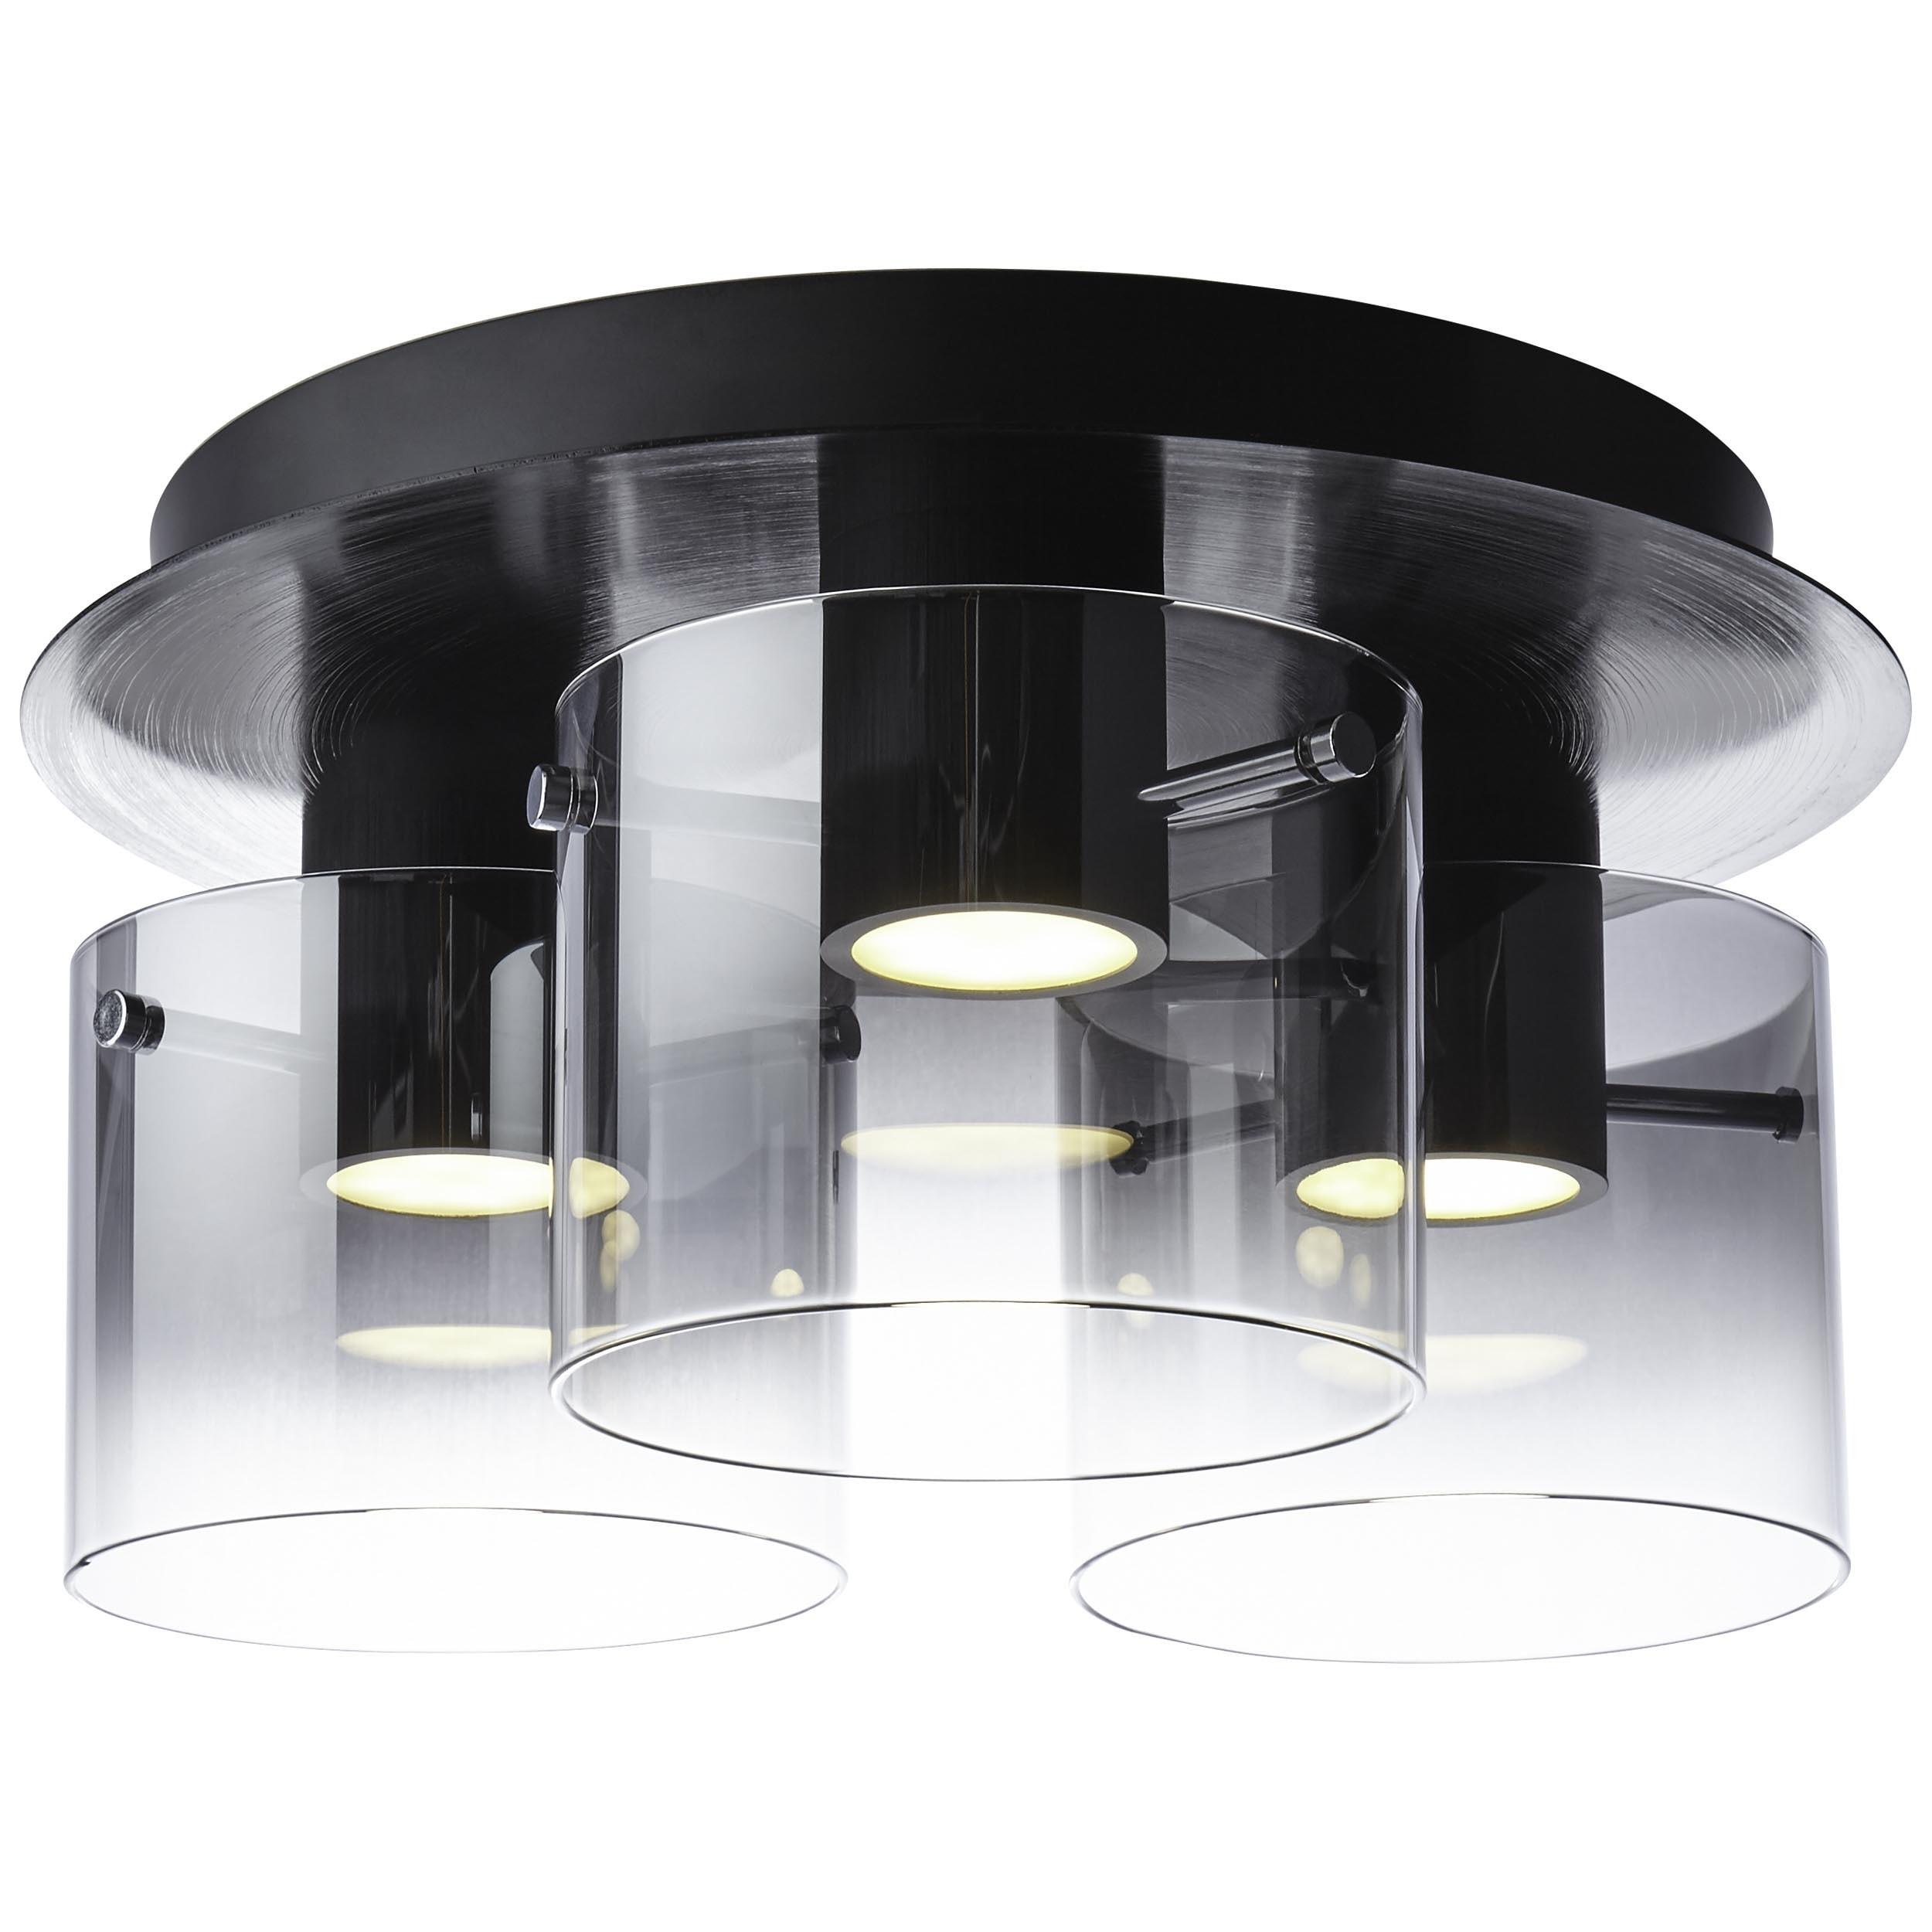 Brilliant Leuchten Deckenleuchten, Hobey LED Deckenleuchte 3flg schwarz/rauchglas